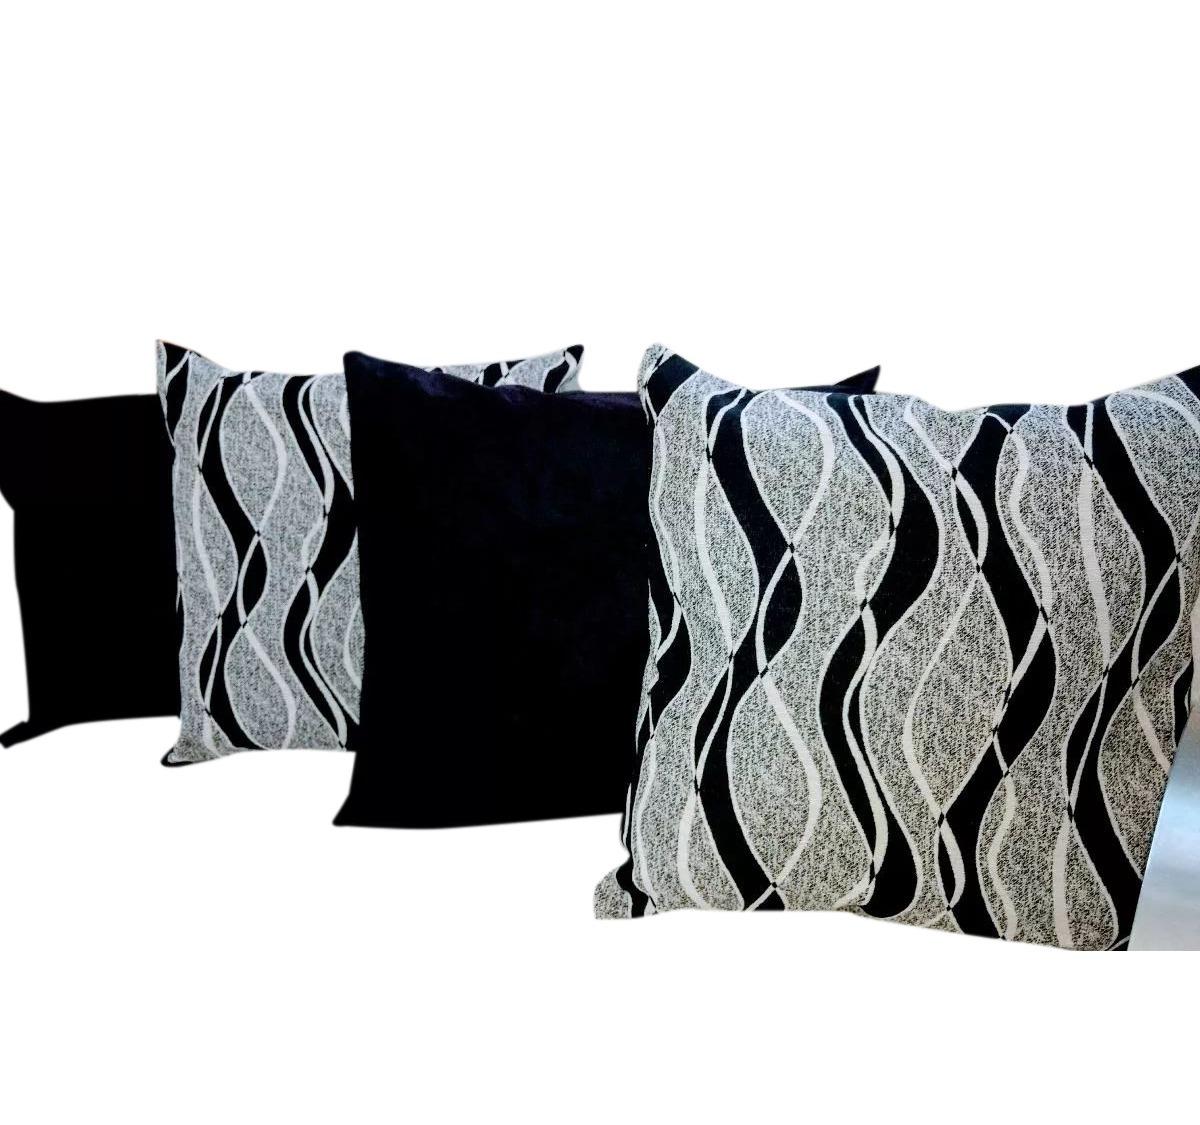 b09e8cd62 kit 4 almofadas decorativas jacquard sued preto 45x45. Carregando zoom.